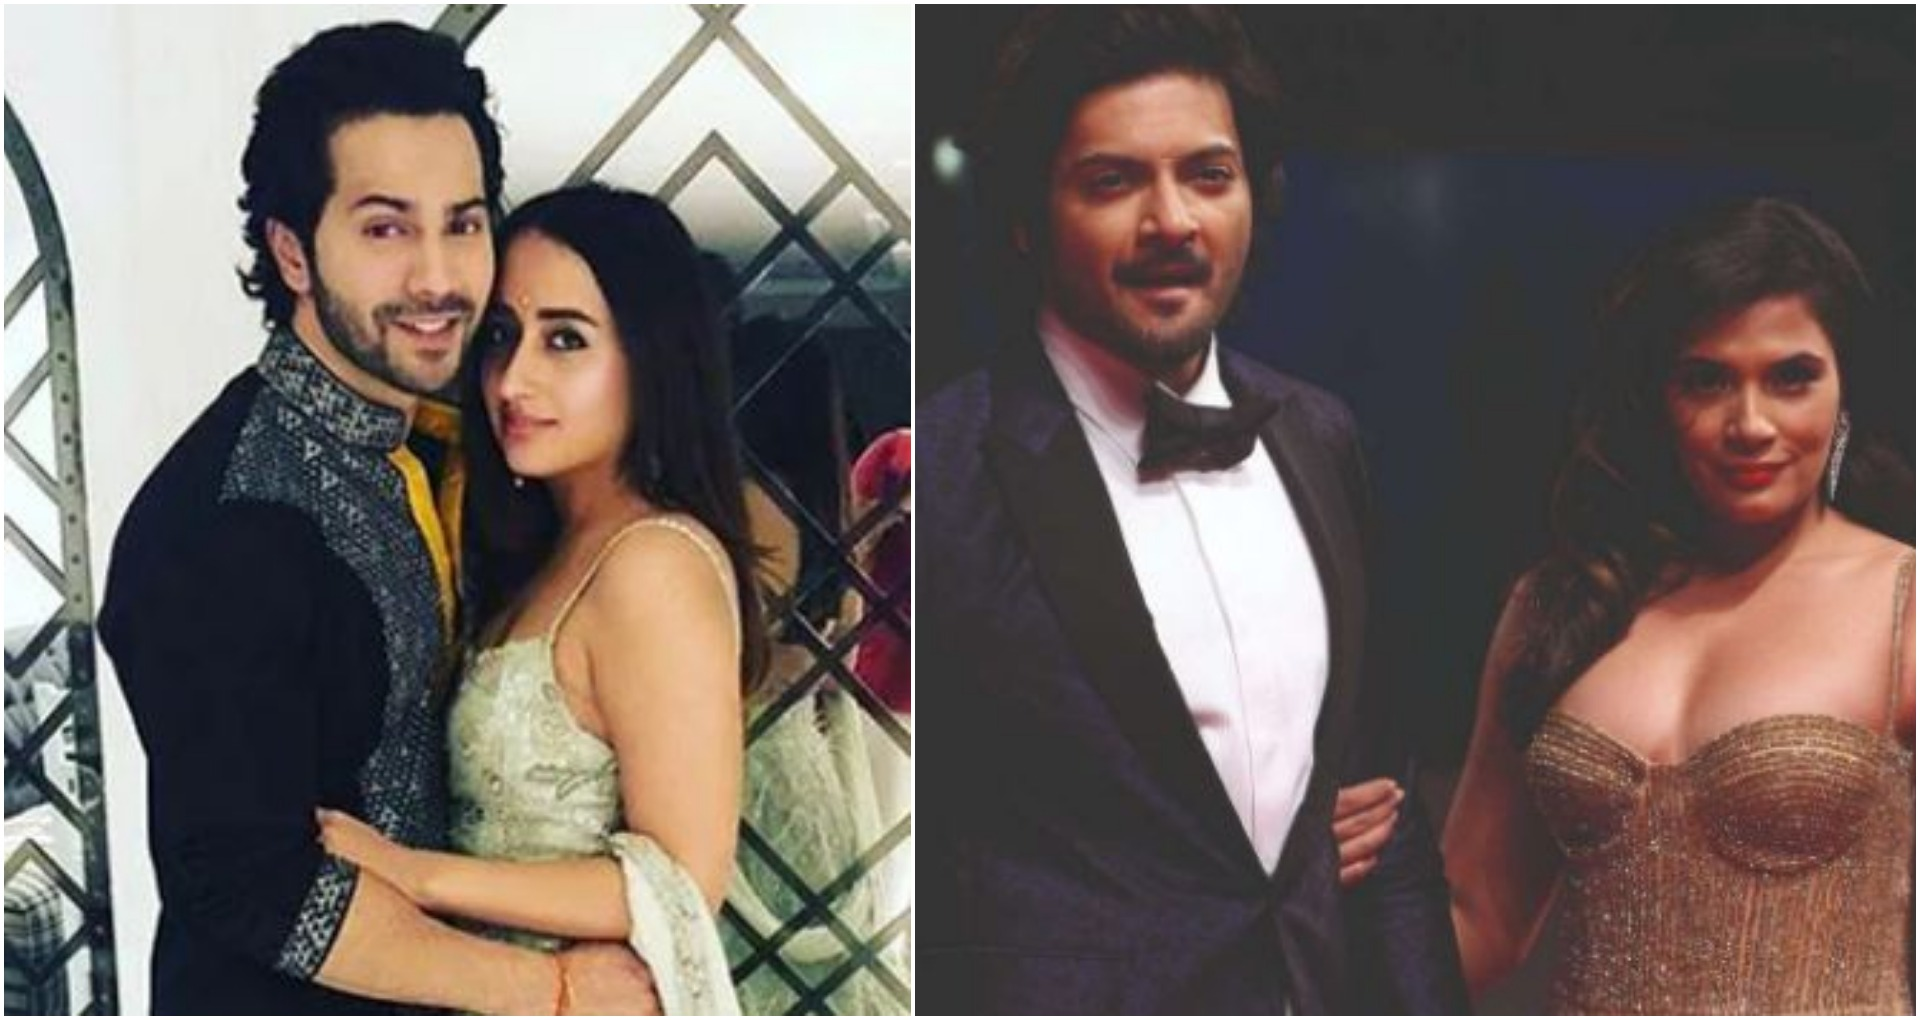 कोरोना वायरस के चलते अब वरुण धवन (Varun Dhawan) और नताशा दलाल (Natasha Dalal) व ऋचा चड्ढा (Richa Chadha) और अली फजल (Ali Fazal) की शादी की तारीखें भी आगे बढ़ा दी गई हैं। वरुण धवन और नताशा दलाल की शादी को लेकर खबर थी कि ये दोनों इस साल गर्मी के मौसम में शादी करने वाले थे लेकिन कोरोना वायरस के चलते अब शादी को नवंबर में शिफ्ट कर दिया गया है। वहीं ऋचा चड्ढा और अली फजल की शादी भी अप्रैल के महीने में ही होनी थी अब उसे भी भी कोरोना वायरस की वजह से टाल दिया गया है।